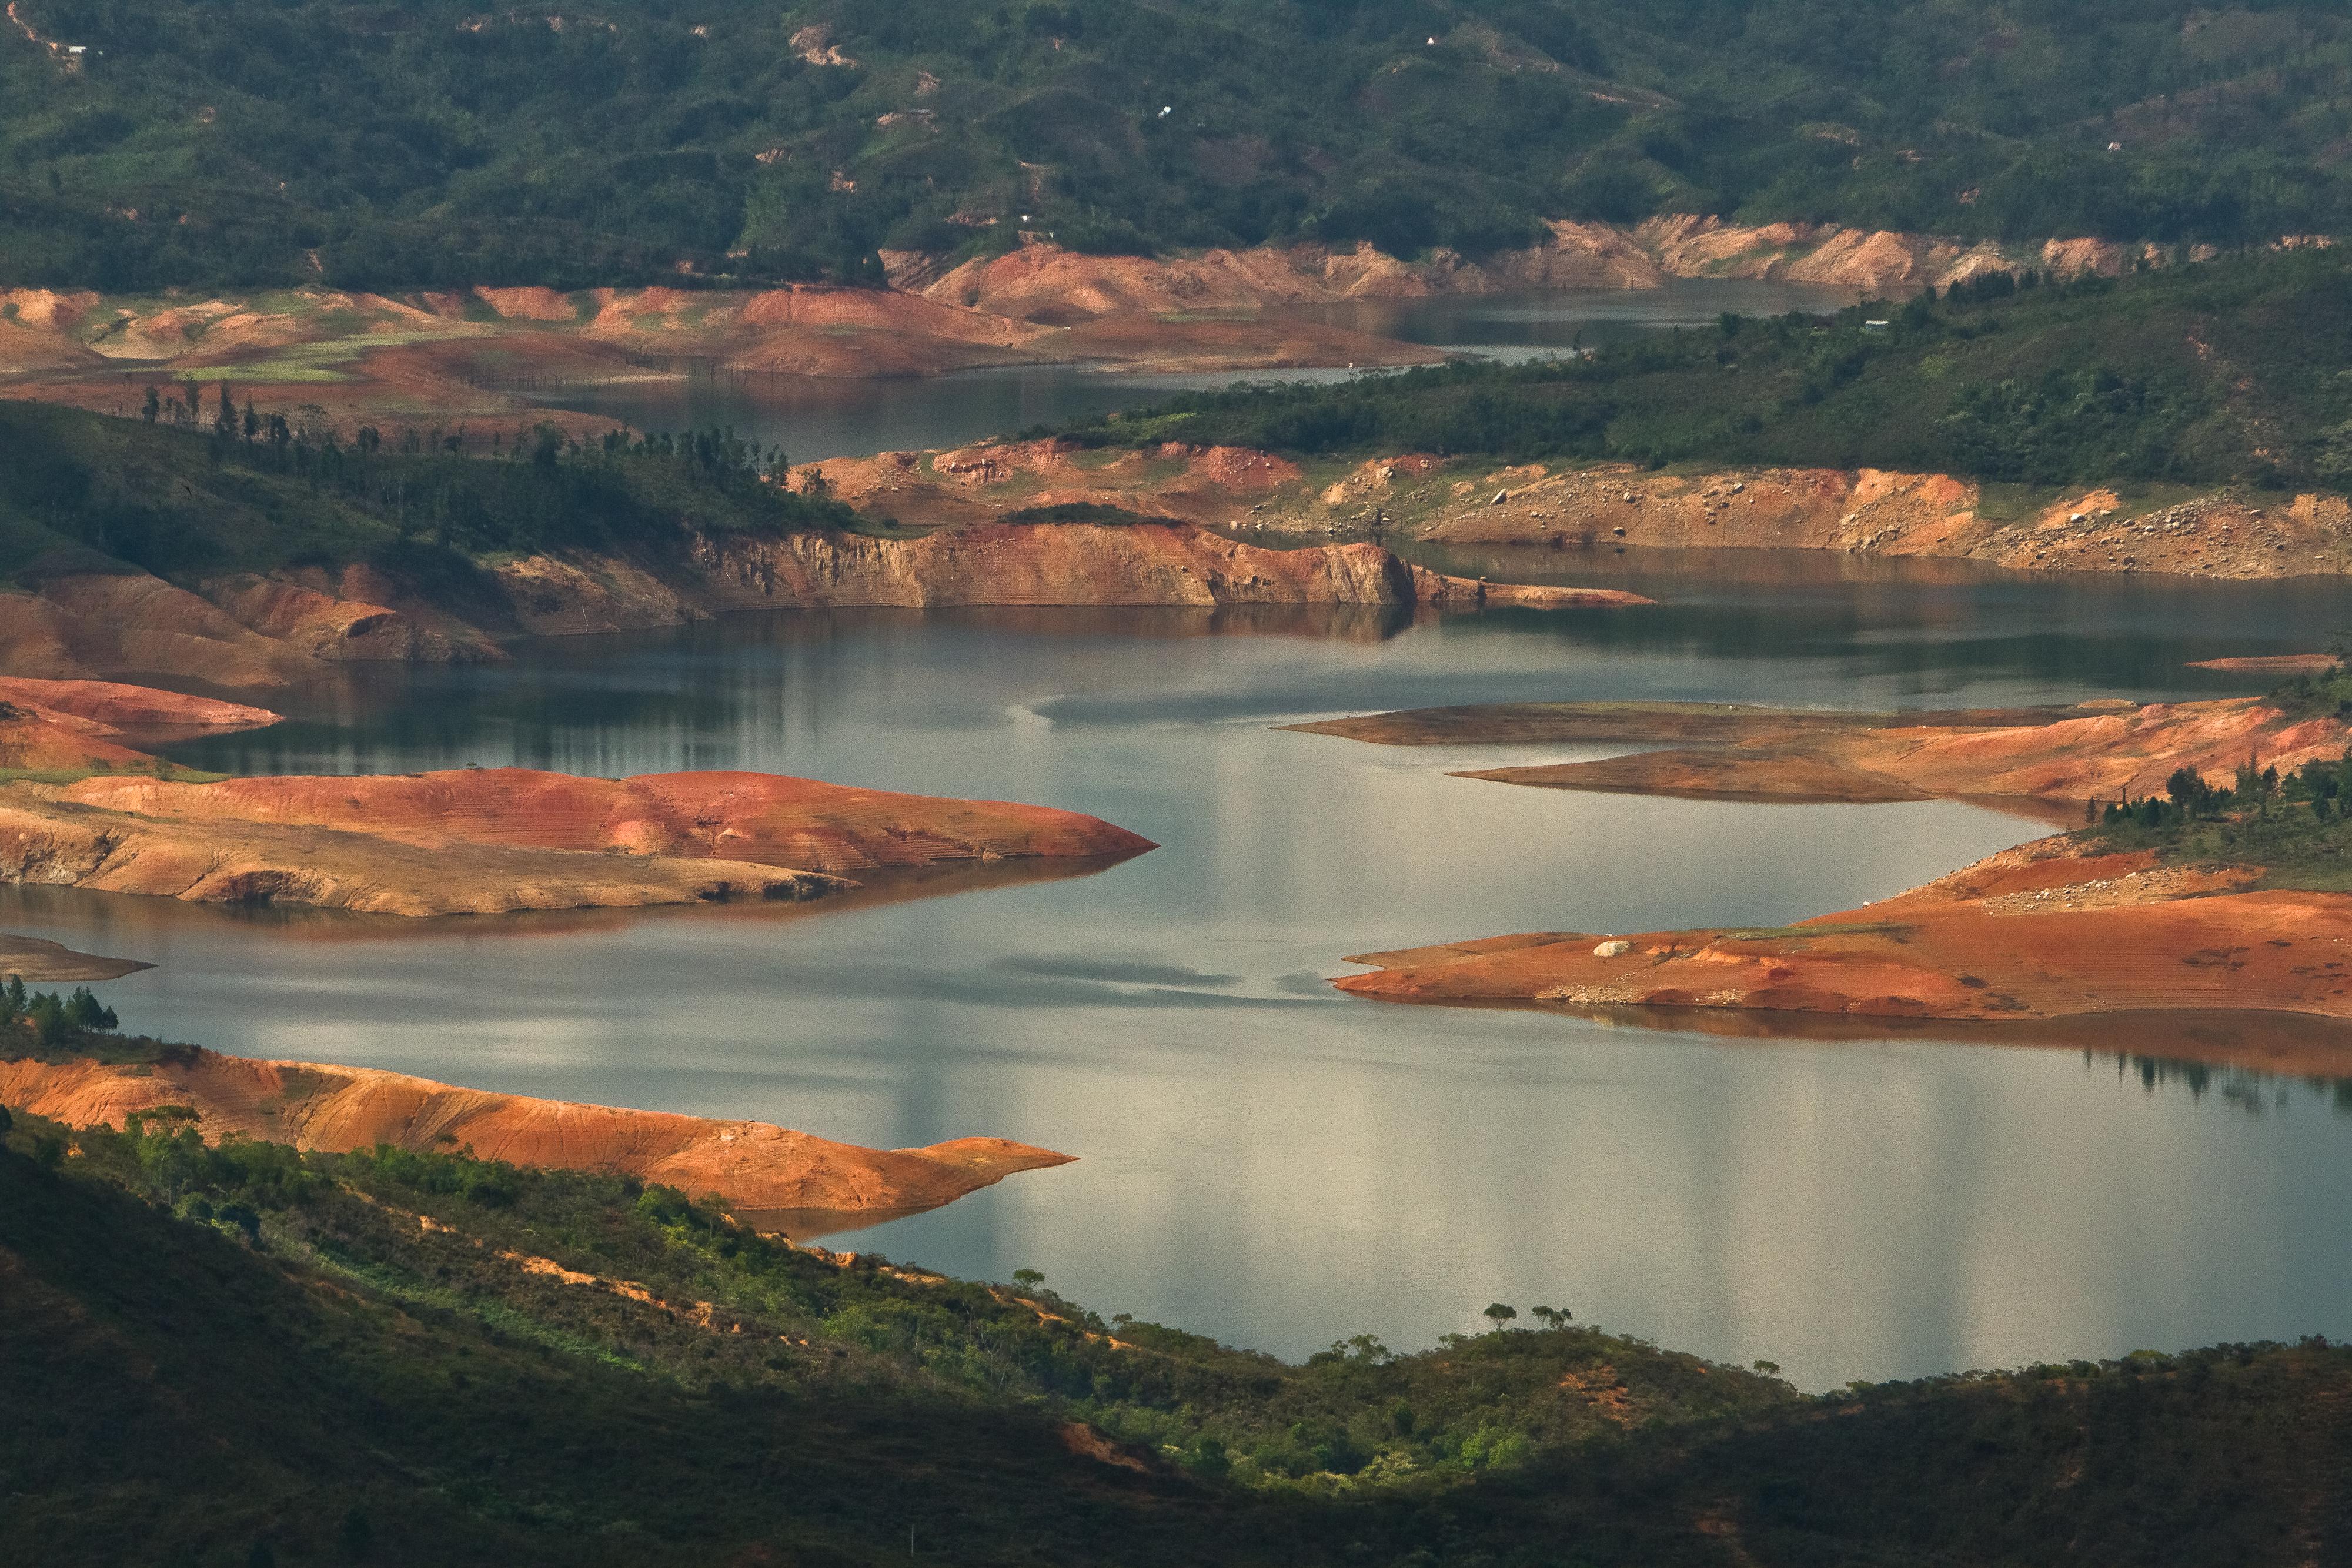 Aguas abajo del embalse Salvajina. Río Cauca